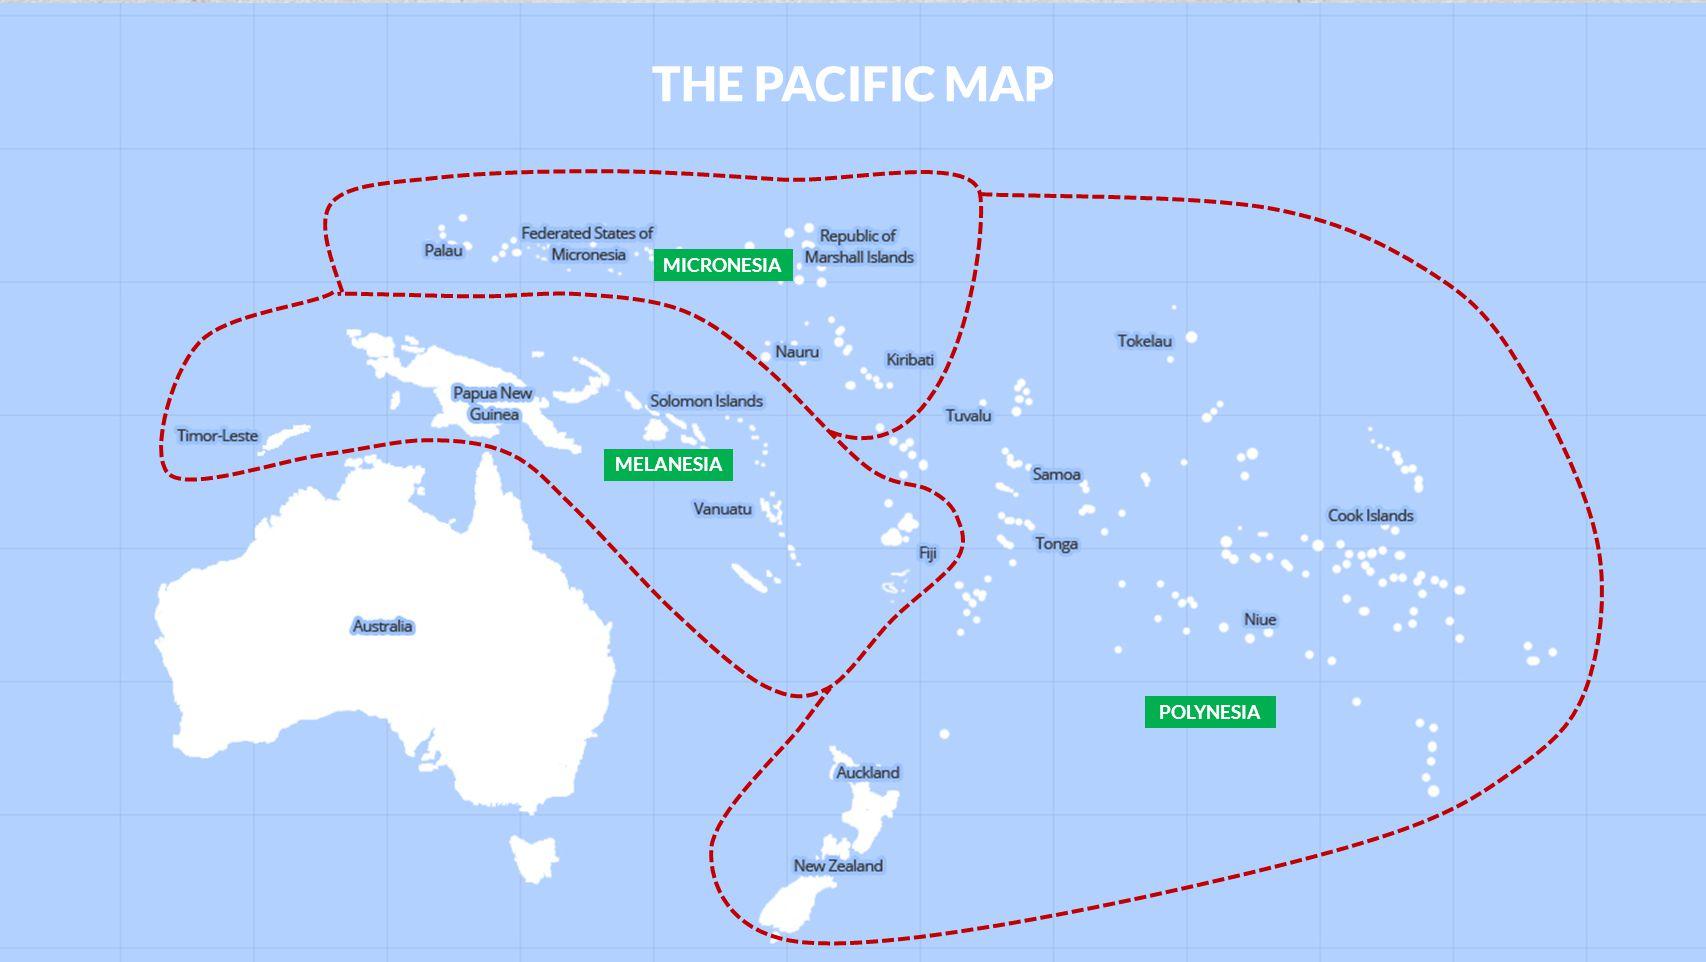 MELANESIA MICRONESIA POLYNESIA THE PACIFIC MAP